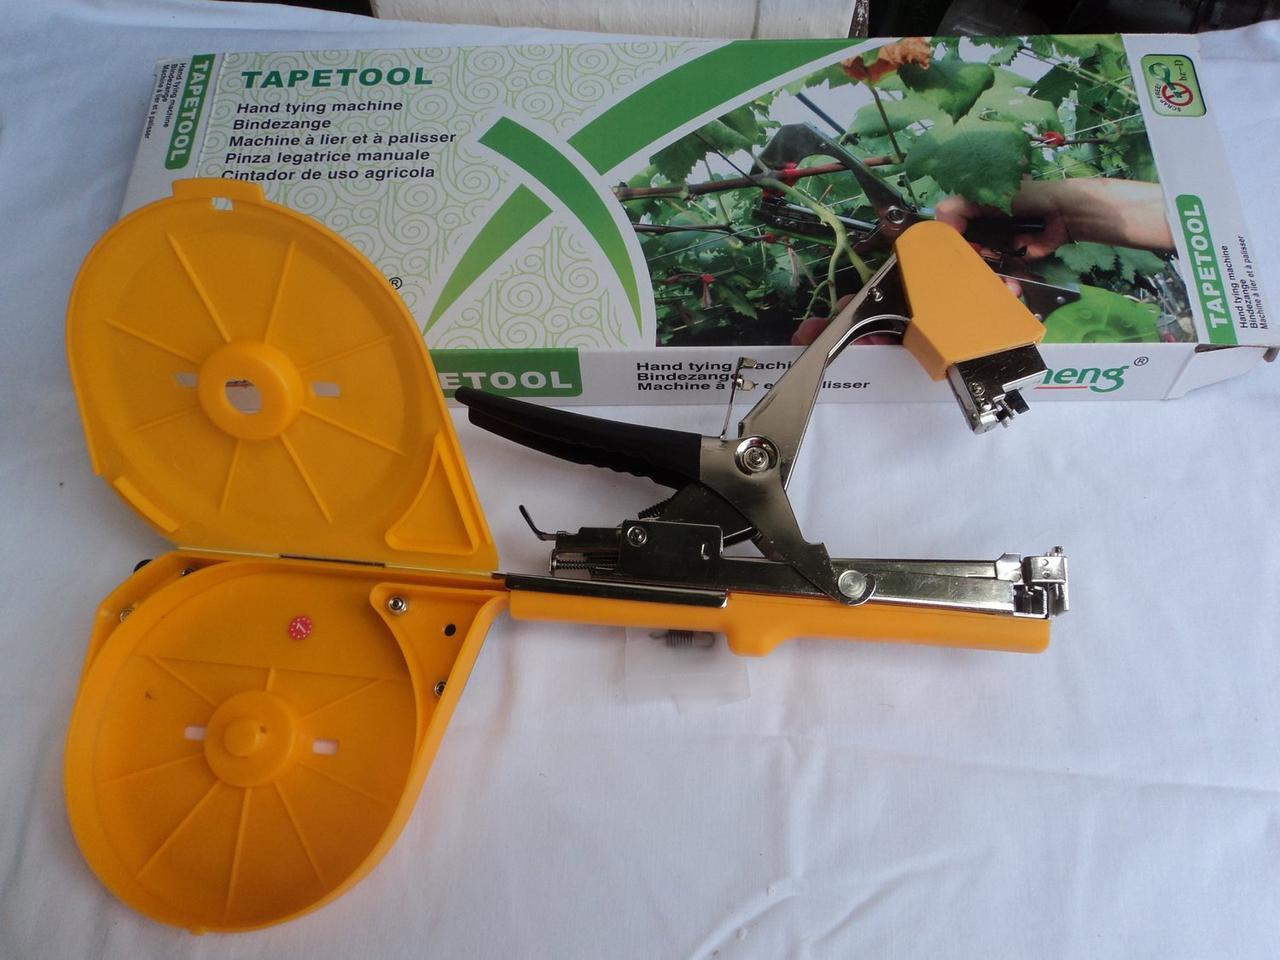 Степлер для подвязки (тапенер для подвязки) растений, винограда, Tapetool Bz-D с большим бункером , фото 1